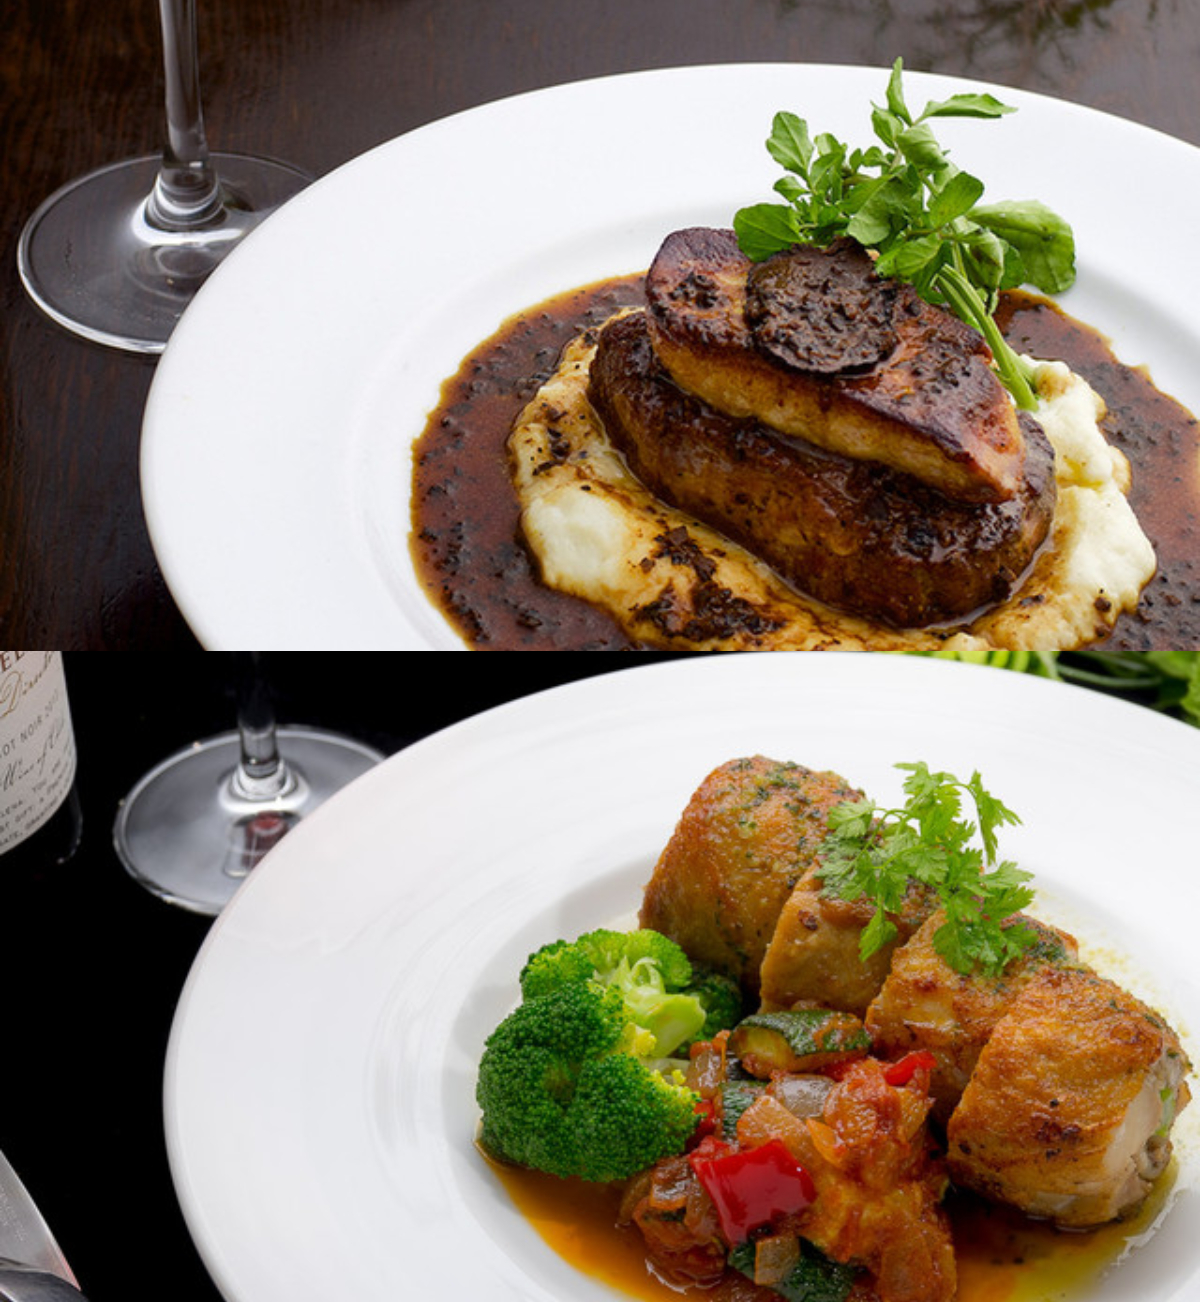 『金のイタリアン 池袋店』で美味しい肉料理を食べよう